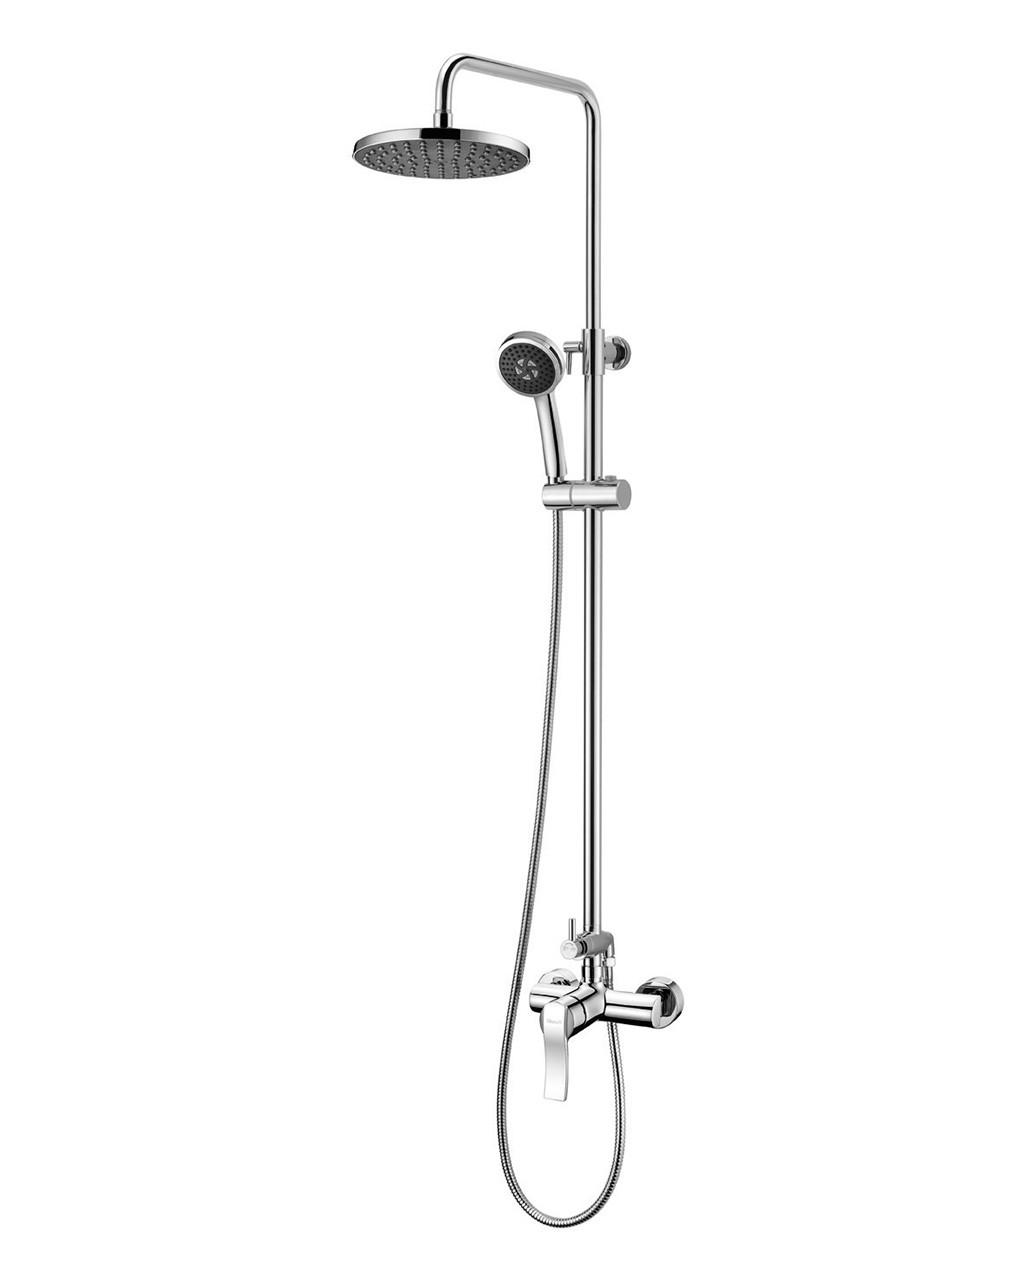 NOVA VLNA система душевая (смеситель для душа, верхний и ручной душ, 3 режима, шланг 1,5м)